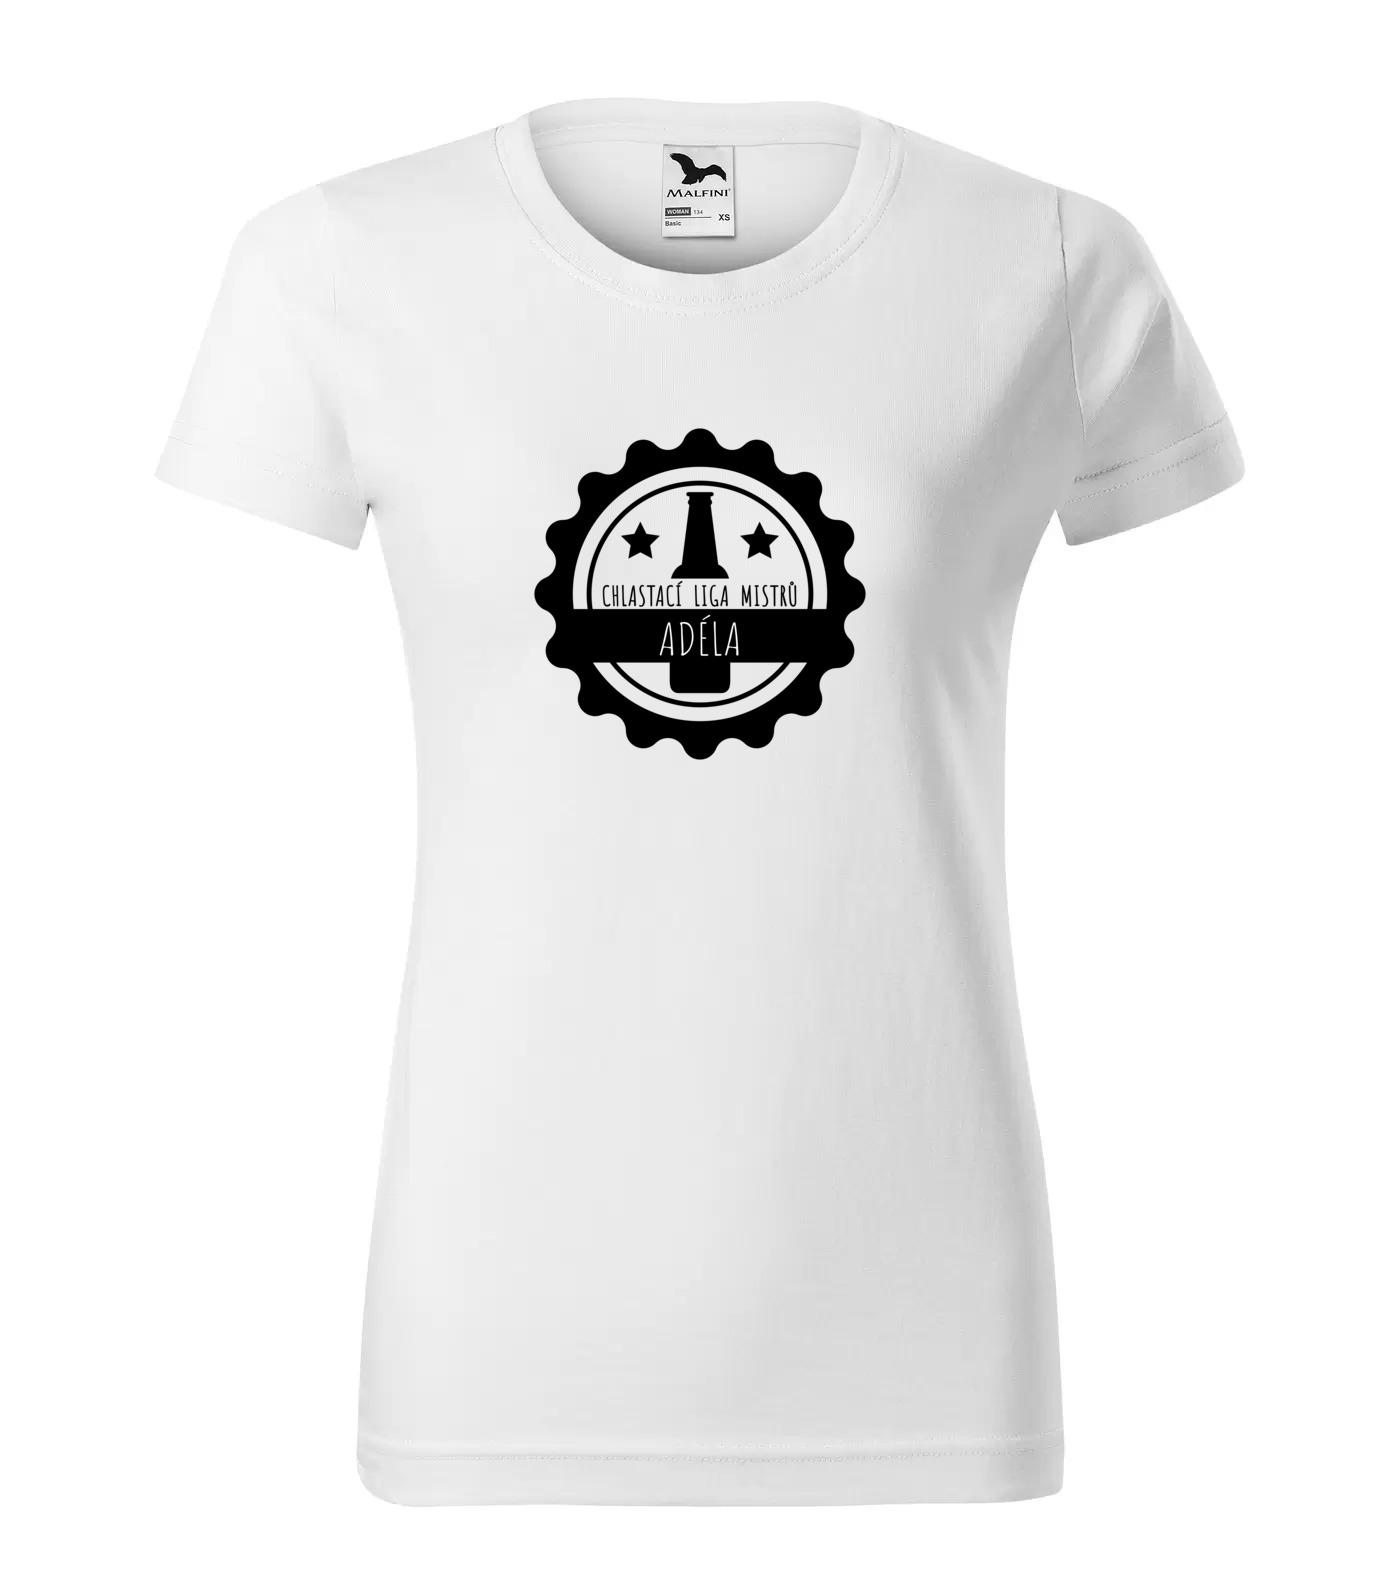 Tričko Chlastací liga žen Adéla